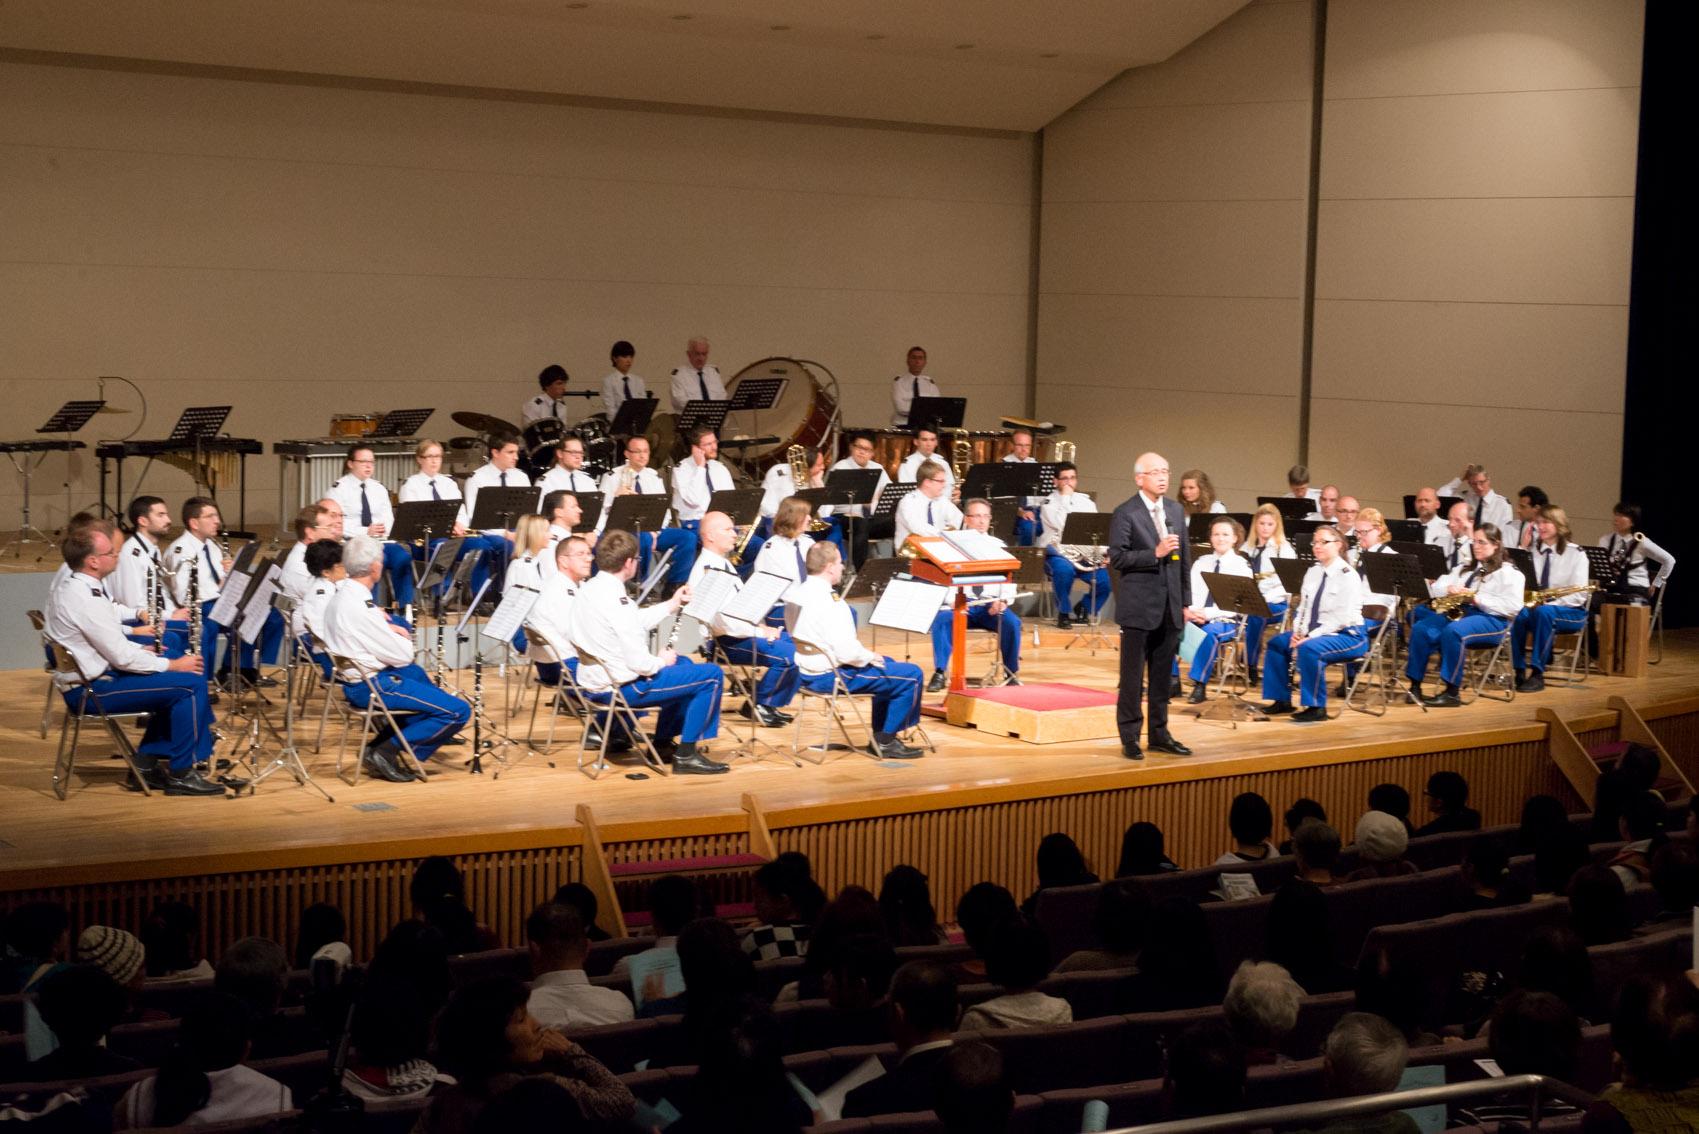 2014-10-23_Concert-Sennan_01